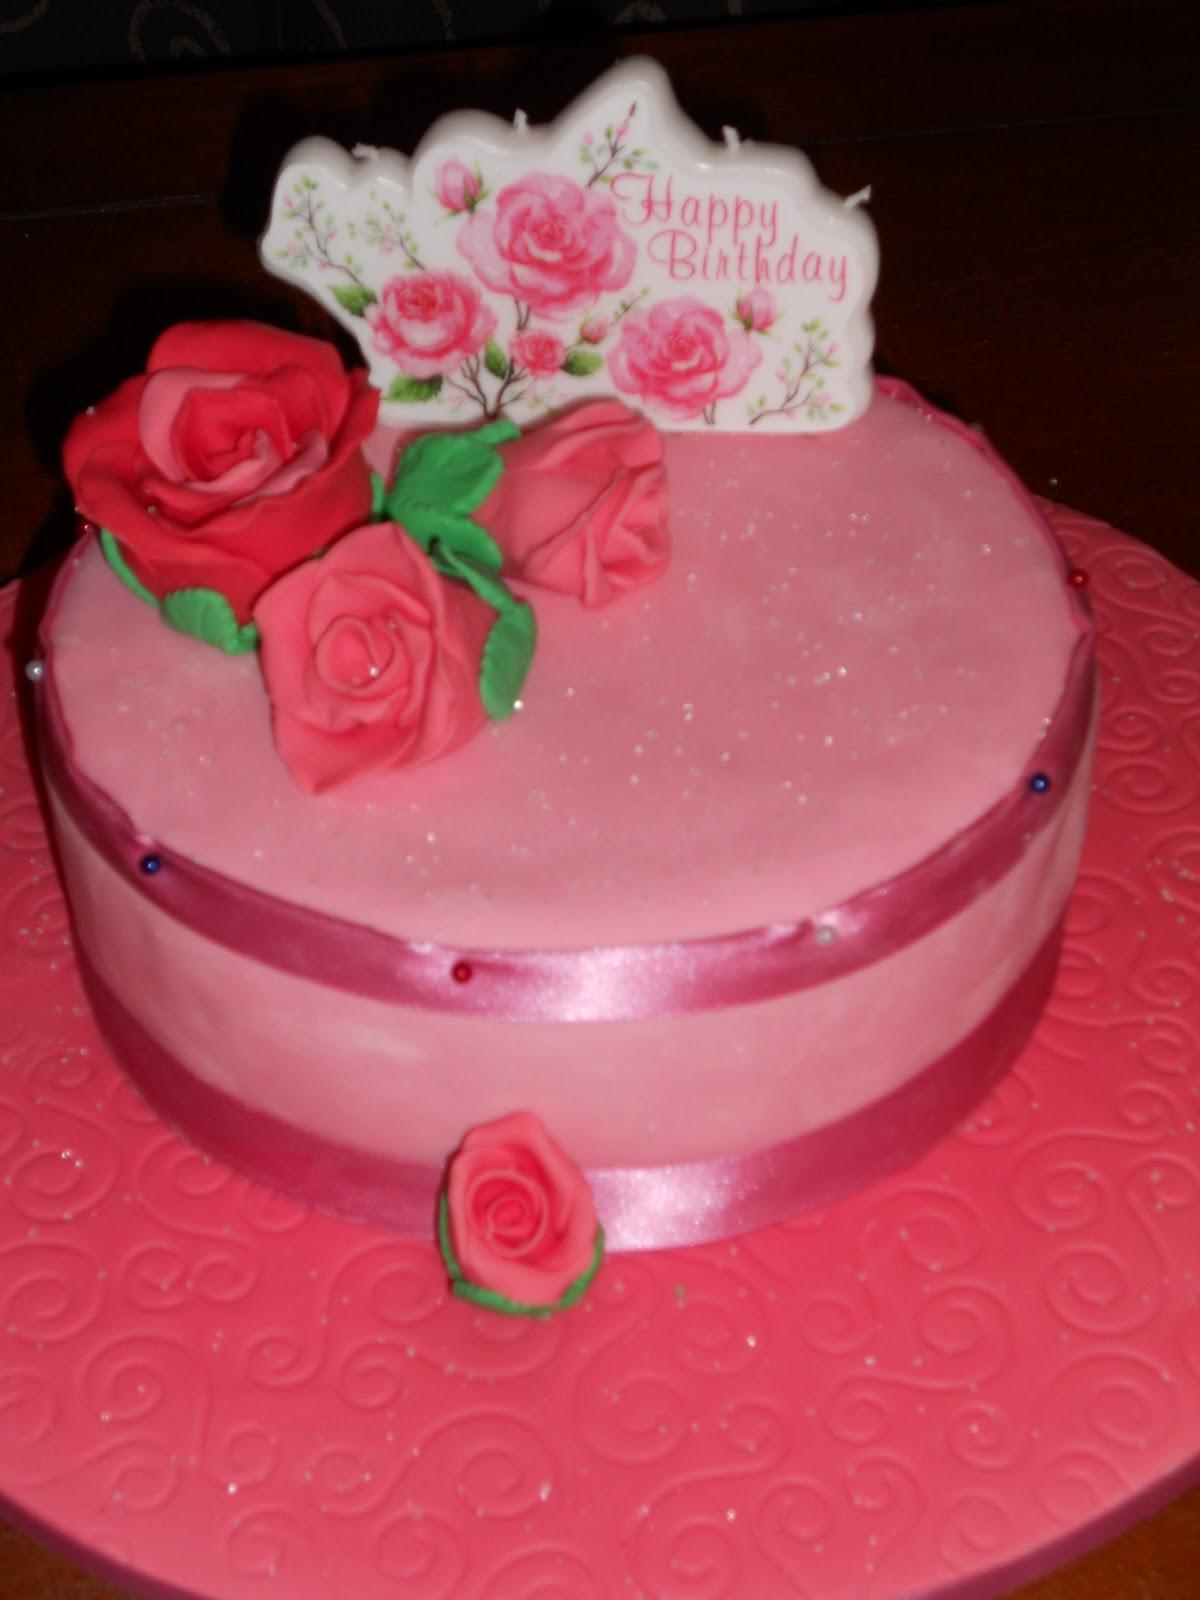 Nicolas Creative Cakes 85th Birthday Cake